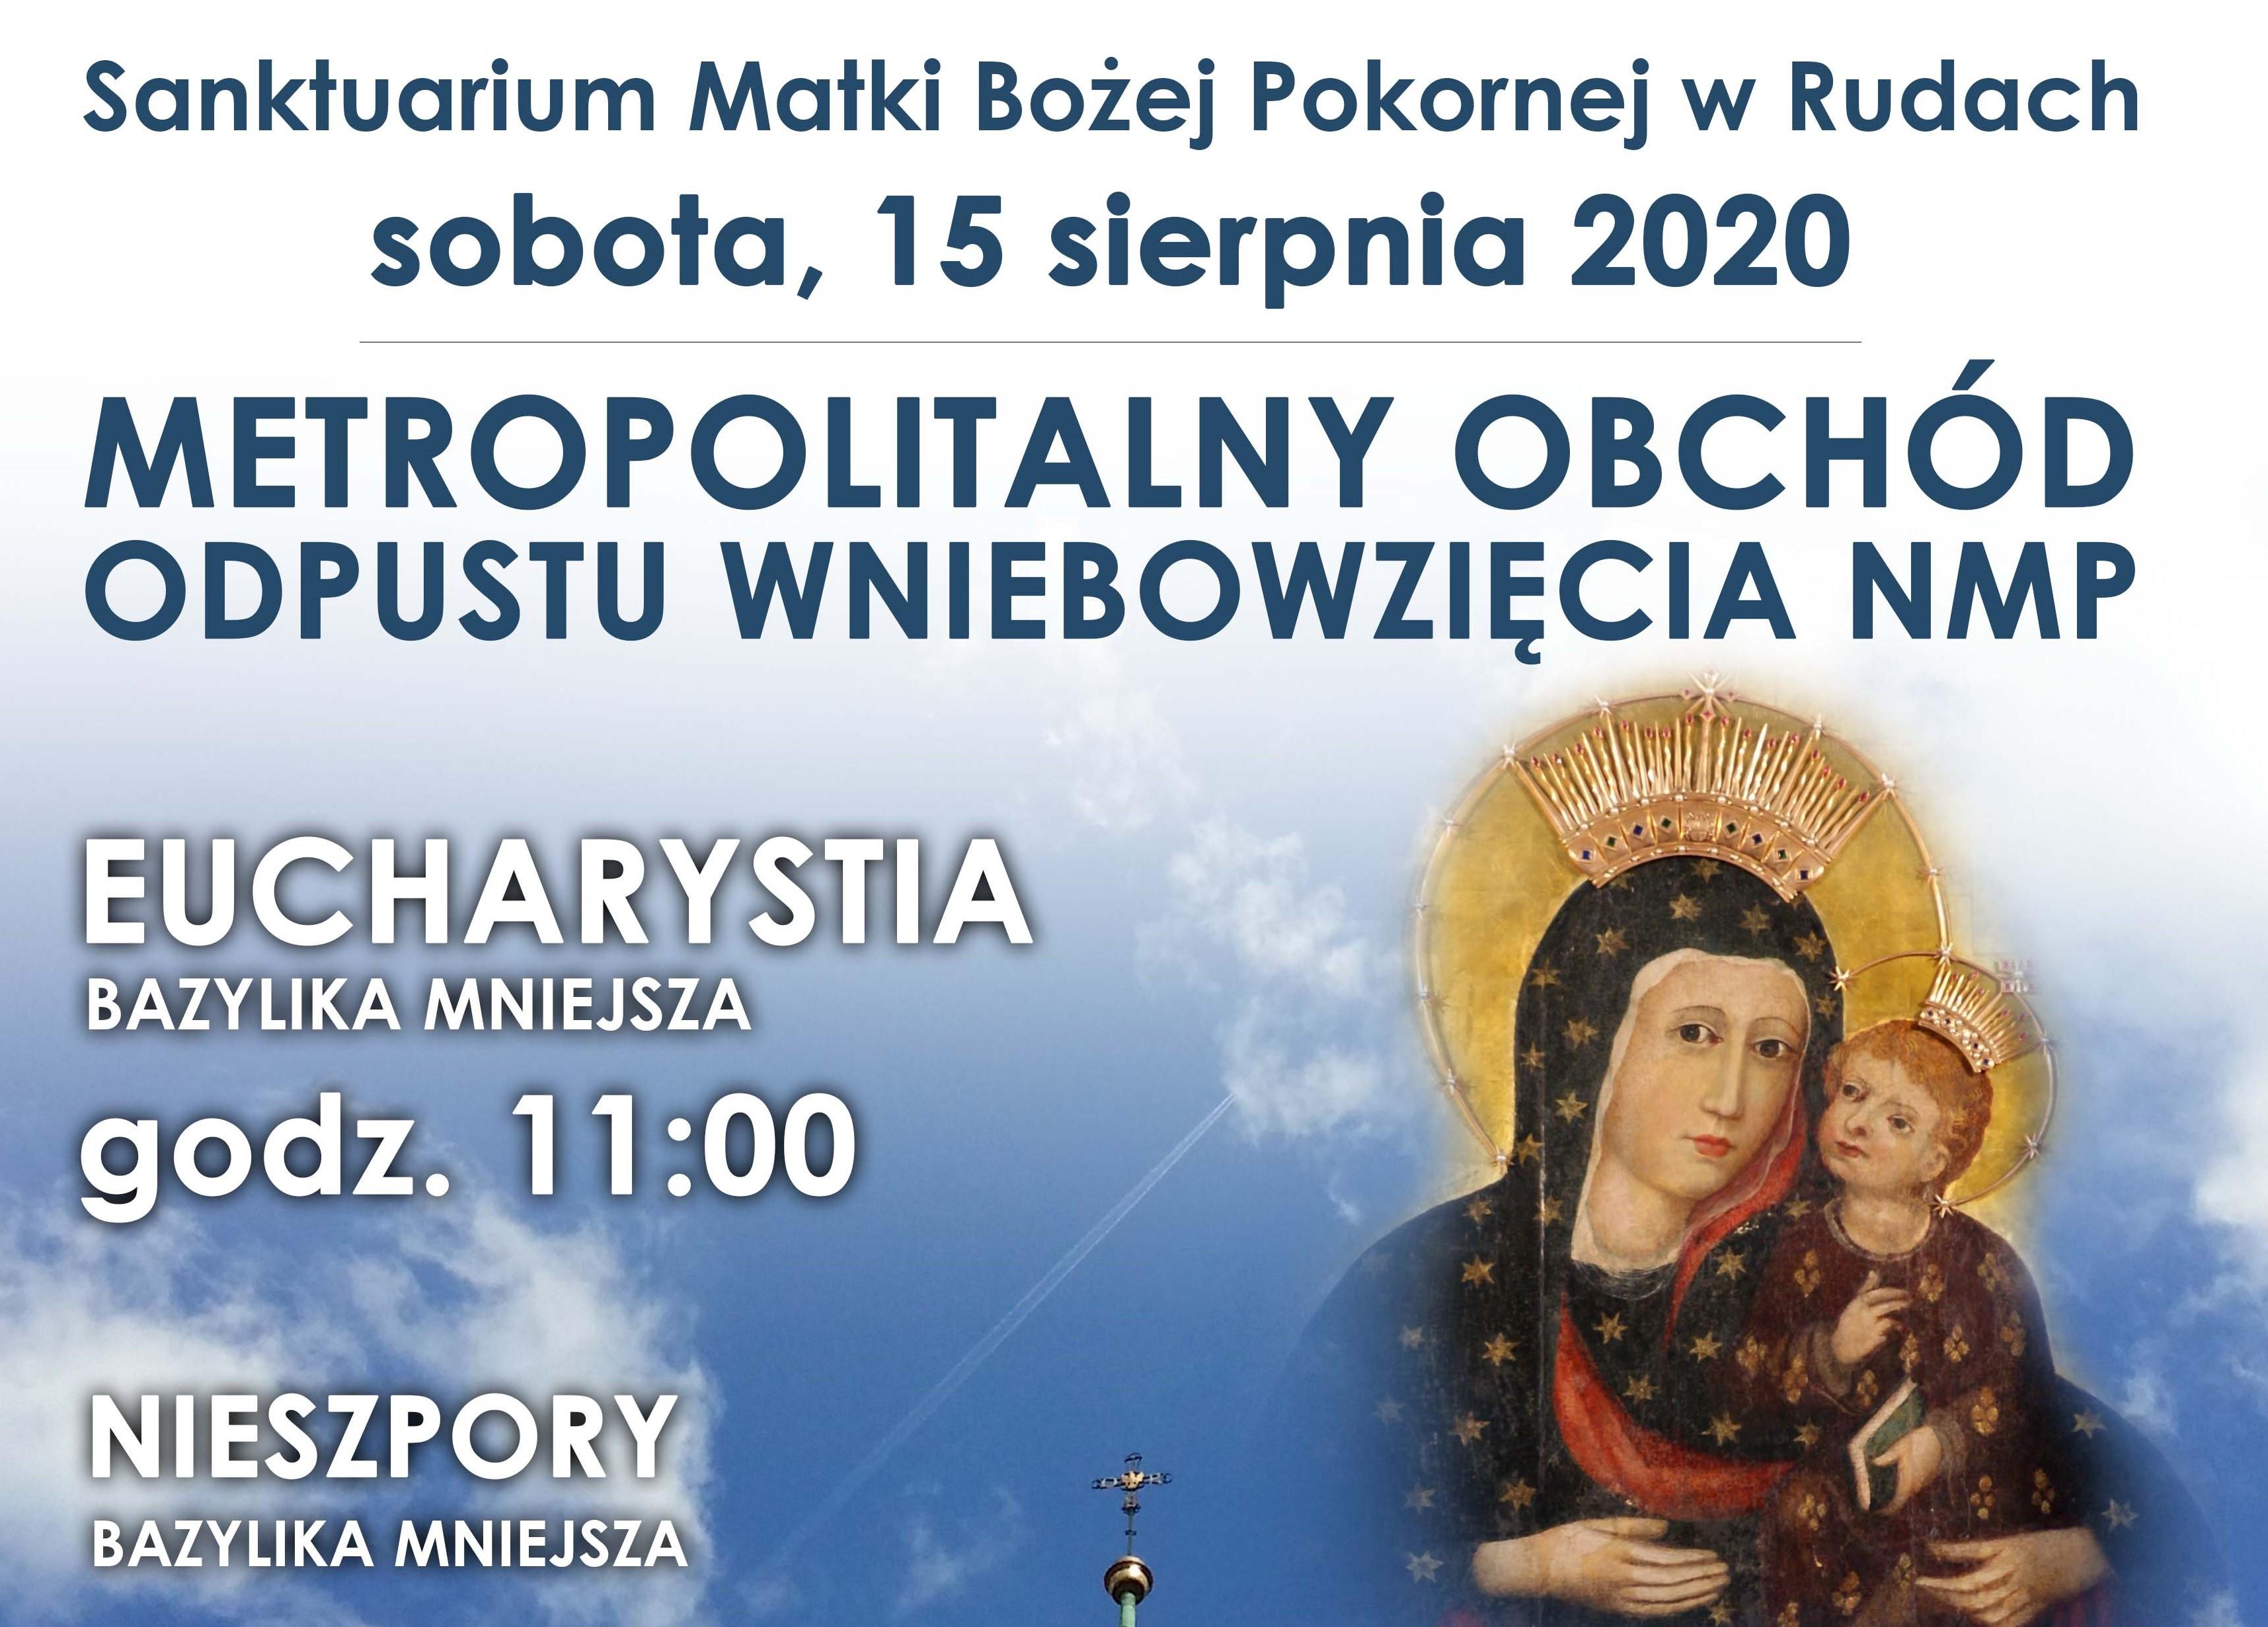 Metropolitalny Obchód Odpustu Wniebowzięcia NMP 15 sierpnia w Bazylice mniejszej w Rudach